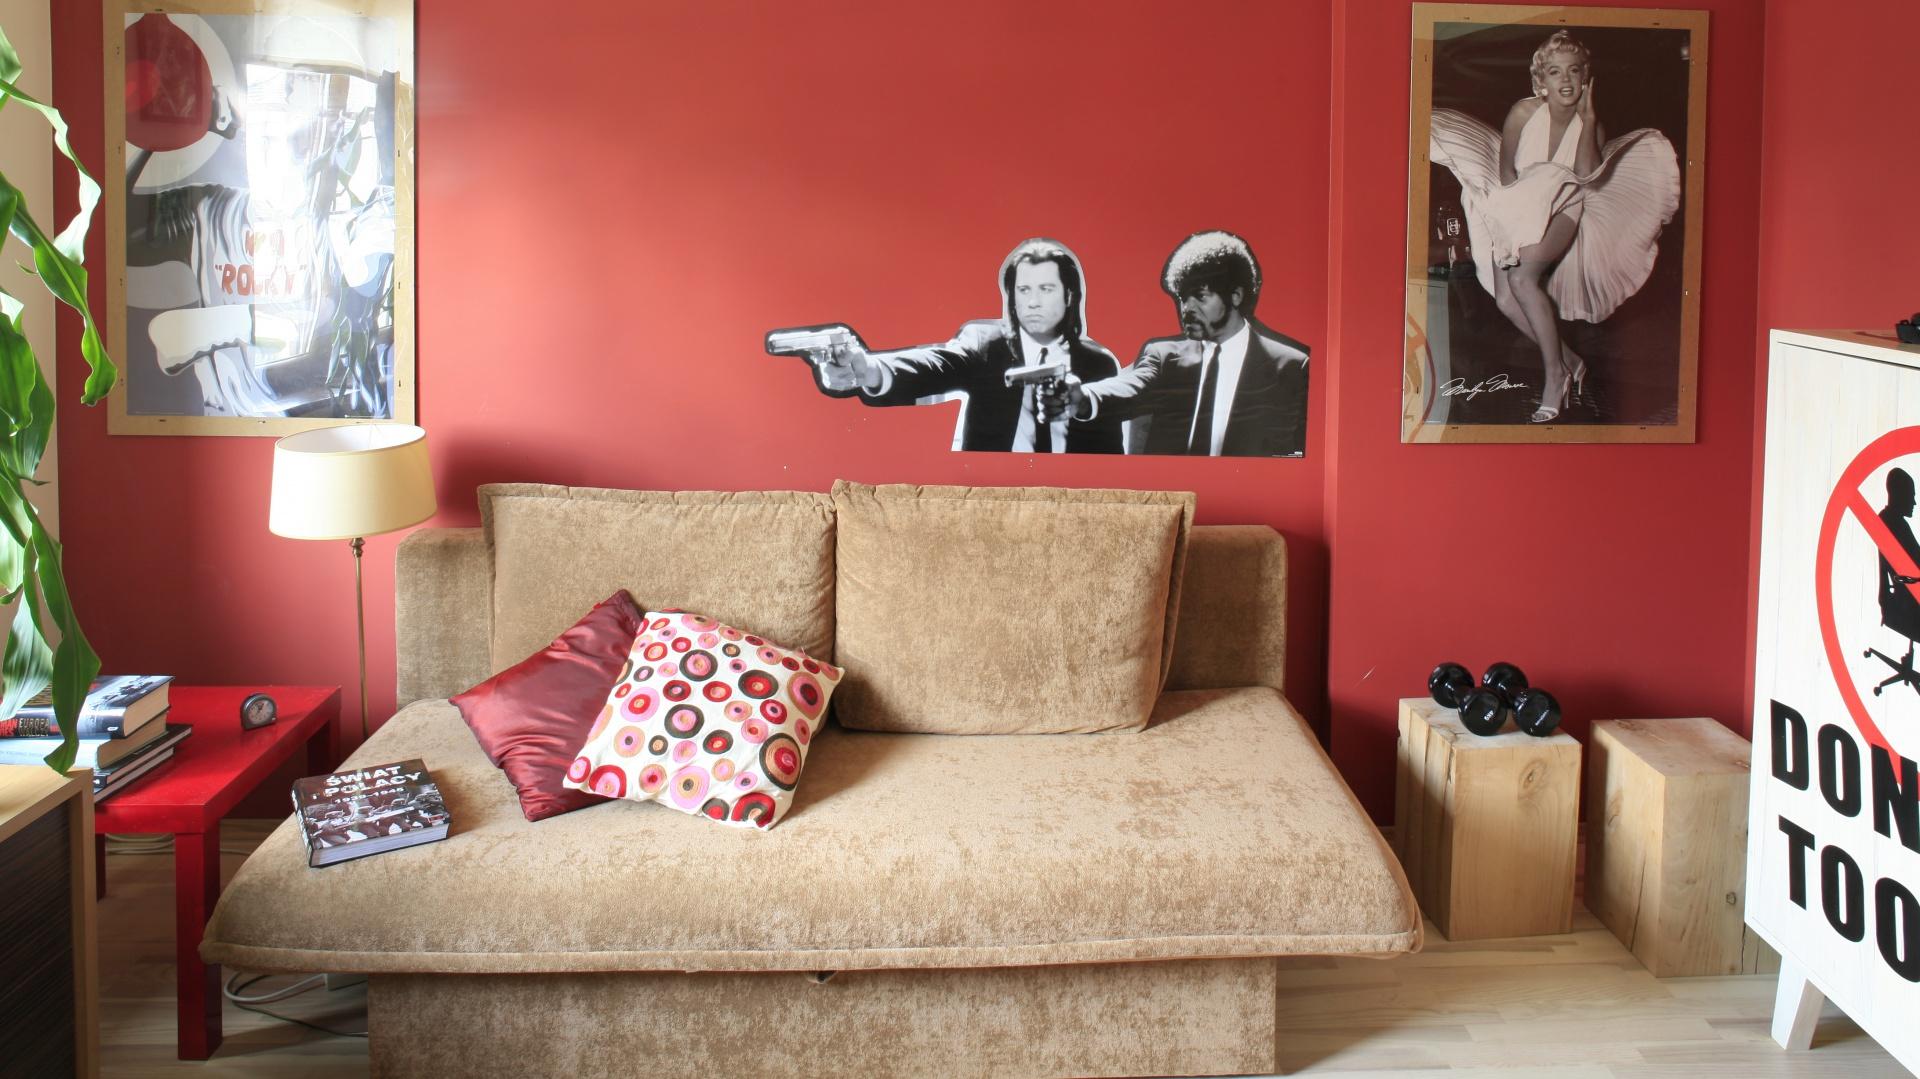 Rolę tradycyjnego łóżka pełni niewielka sofa z funkcją spania. W ciągu dnia jest ona wygodnym siedziskiem dla odwiedzających chłopca kolegów, natomiast nocą zapewnia wygodny odpoczynek. Strefę gościnną uzupełnia niewielki czerwony stolik. Fot. Bartosz Jarosz.